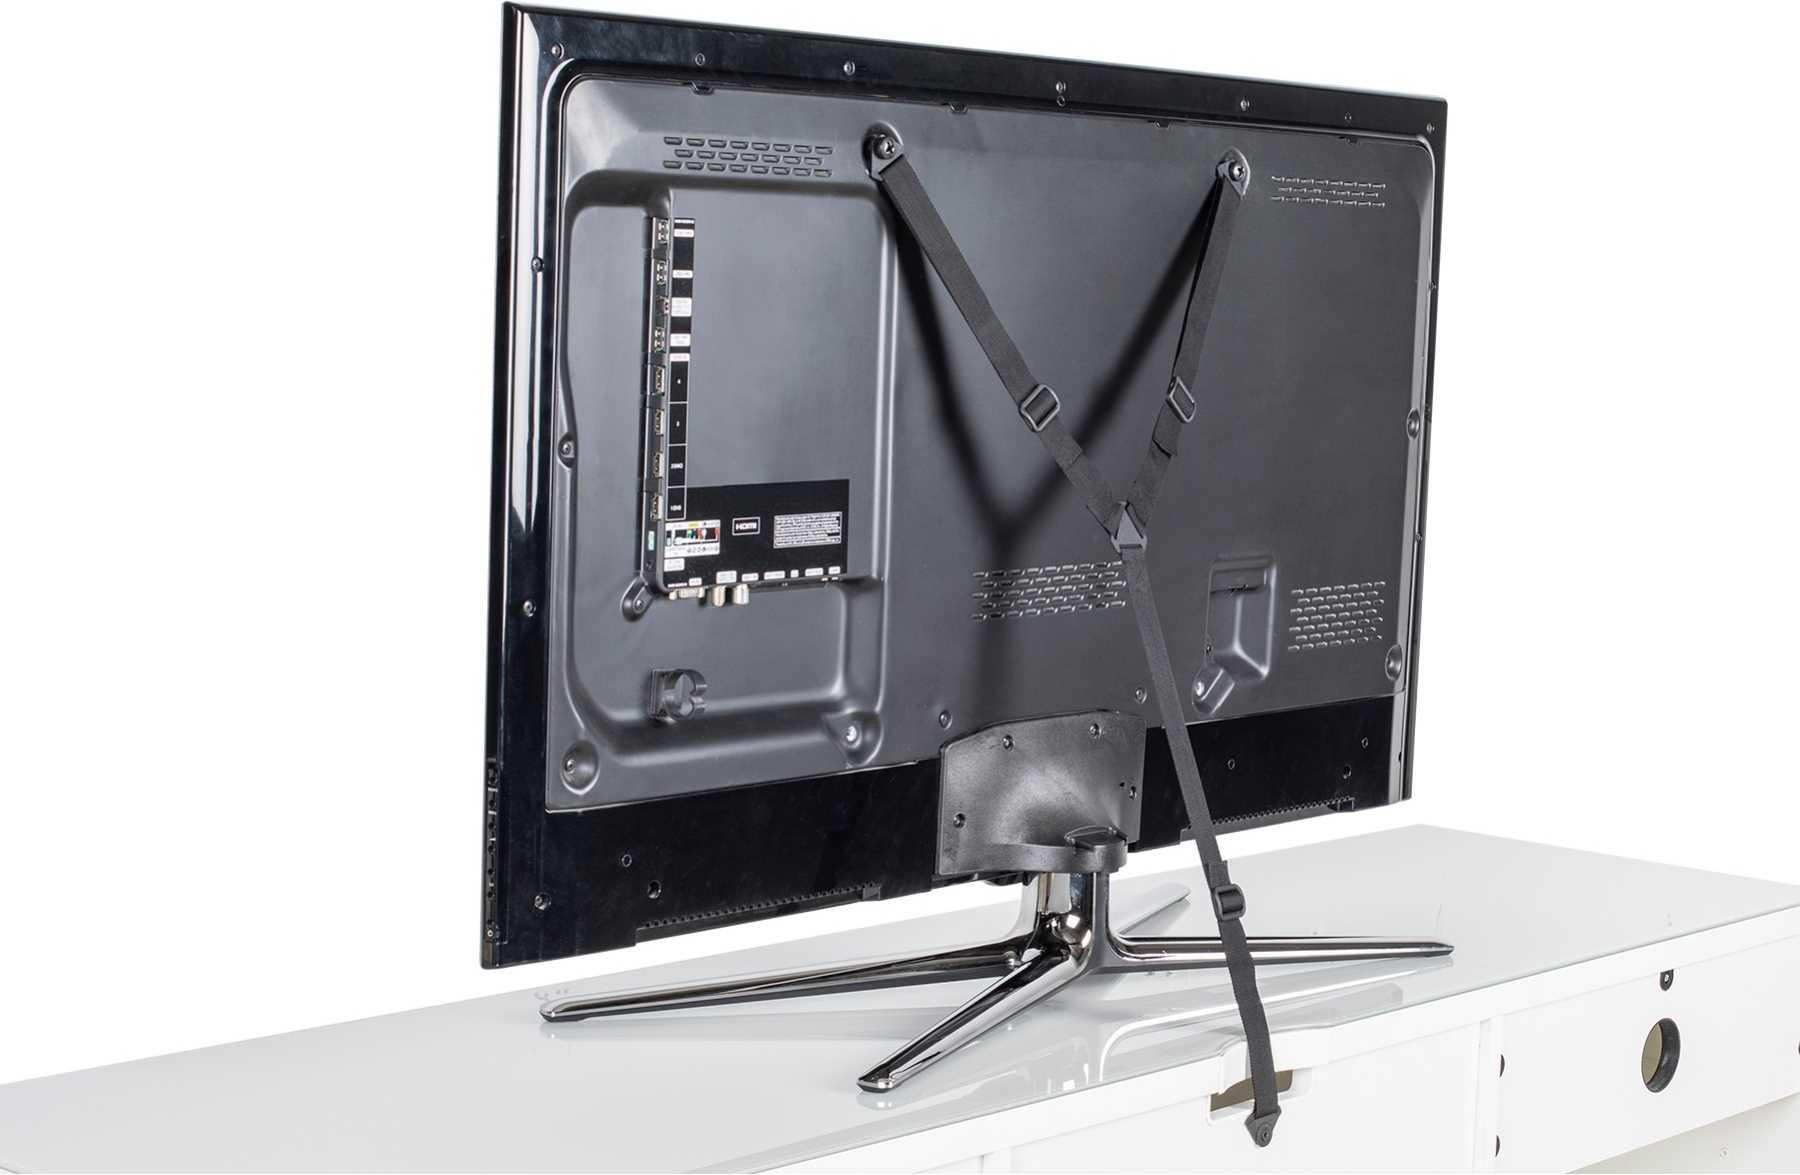 חגורת בטיחות לטלוויזיה עד 85 אינטש Sonorous Strap TV סונורוס - תמונה 1